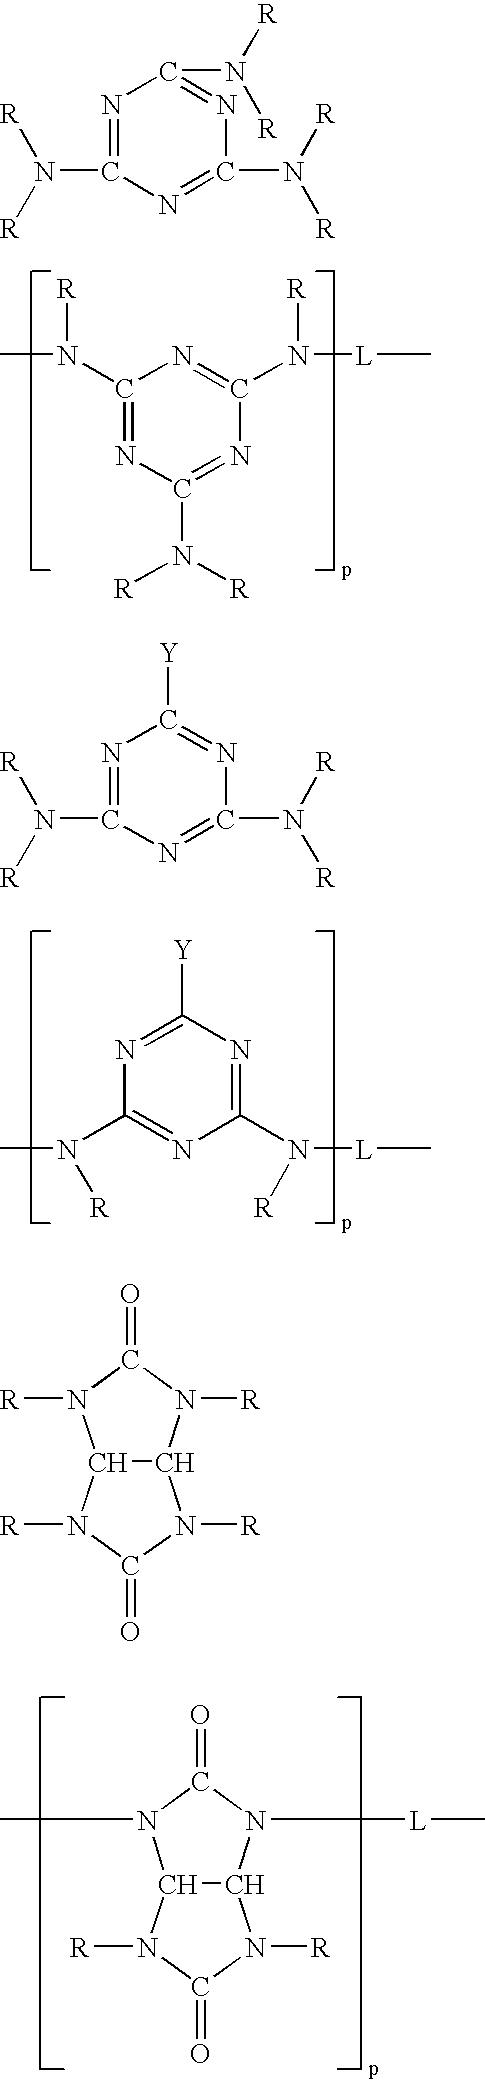 Figure US07138450-20061121-C00011